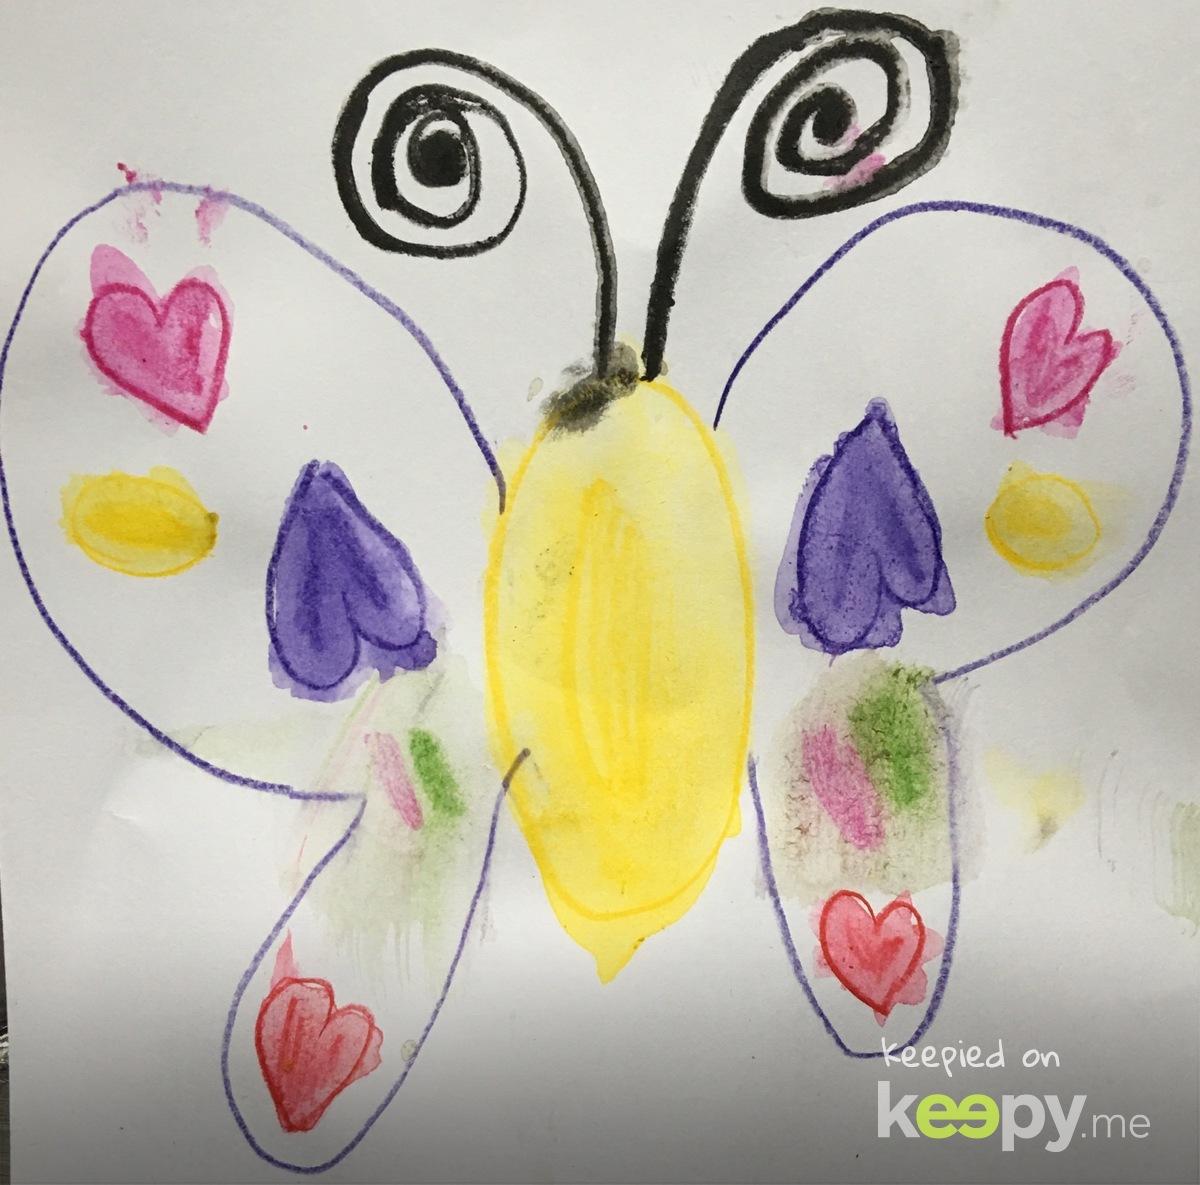 Butterfly. #Watercolor pencil by #RoslynJ » Keepy.me